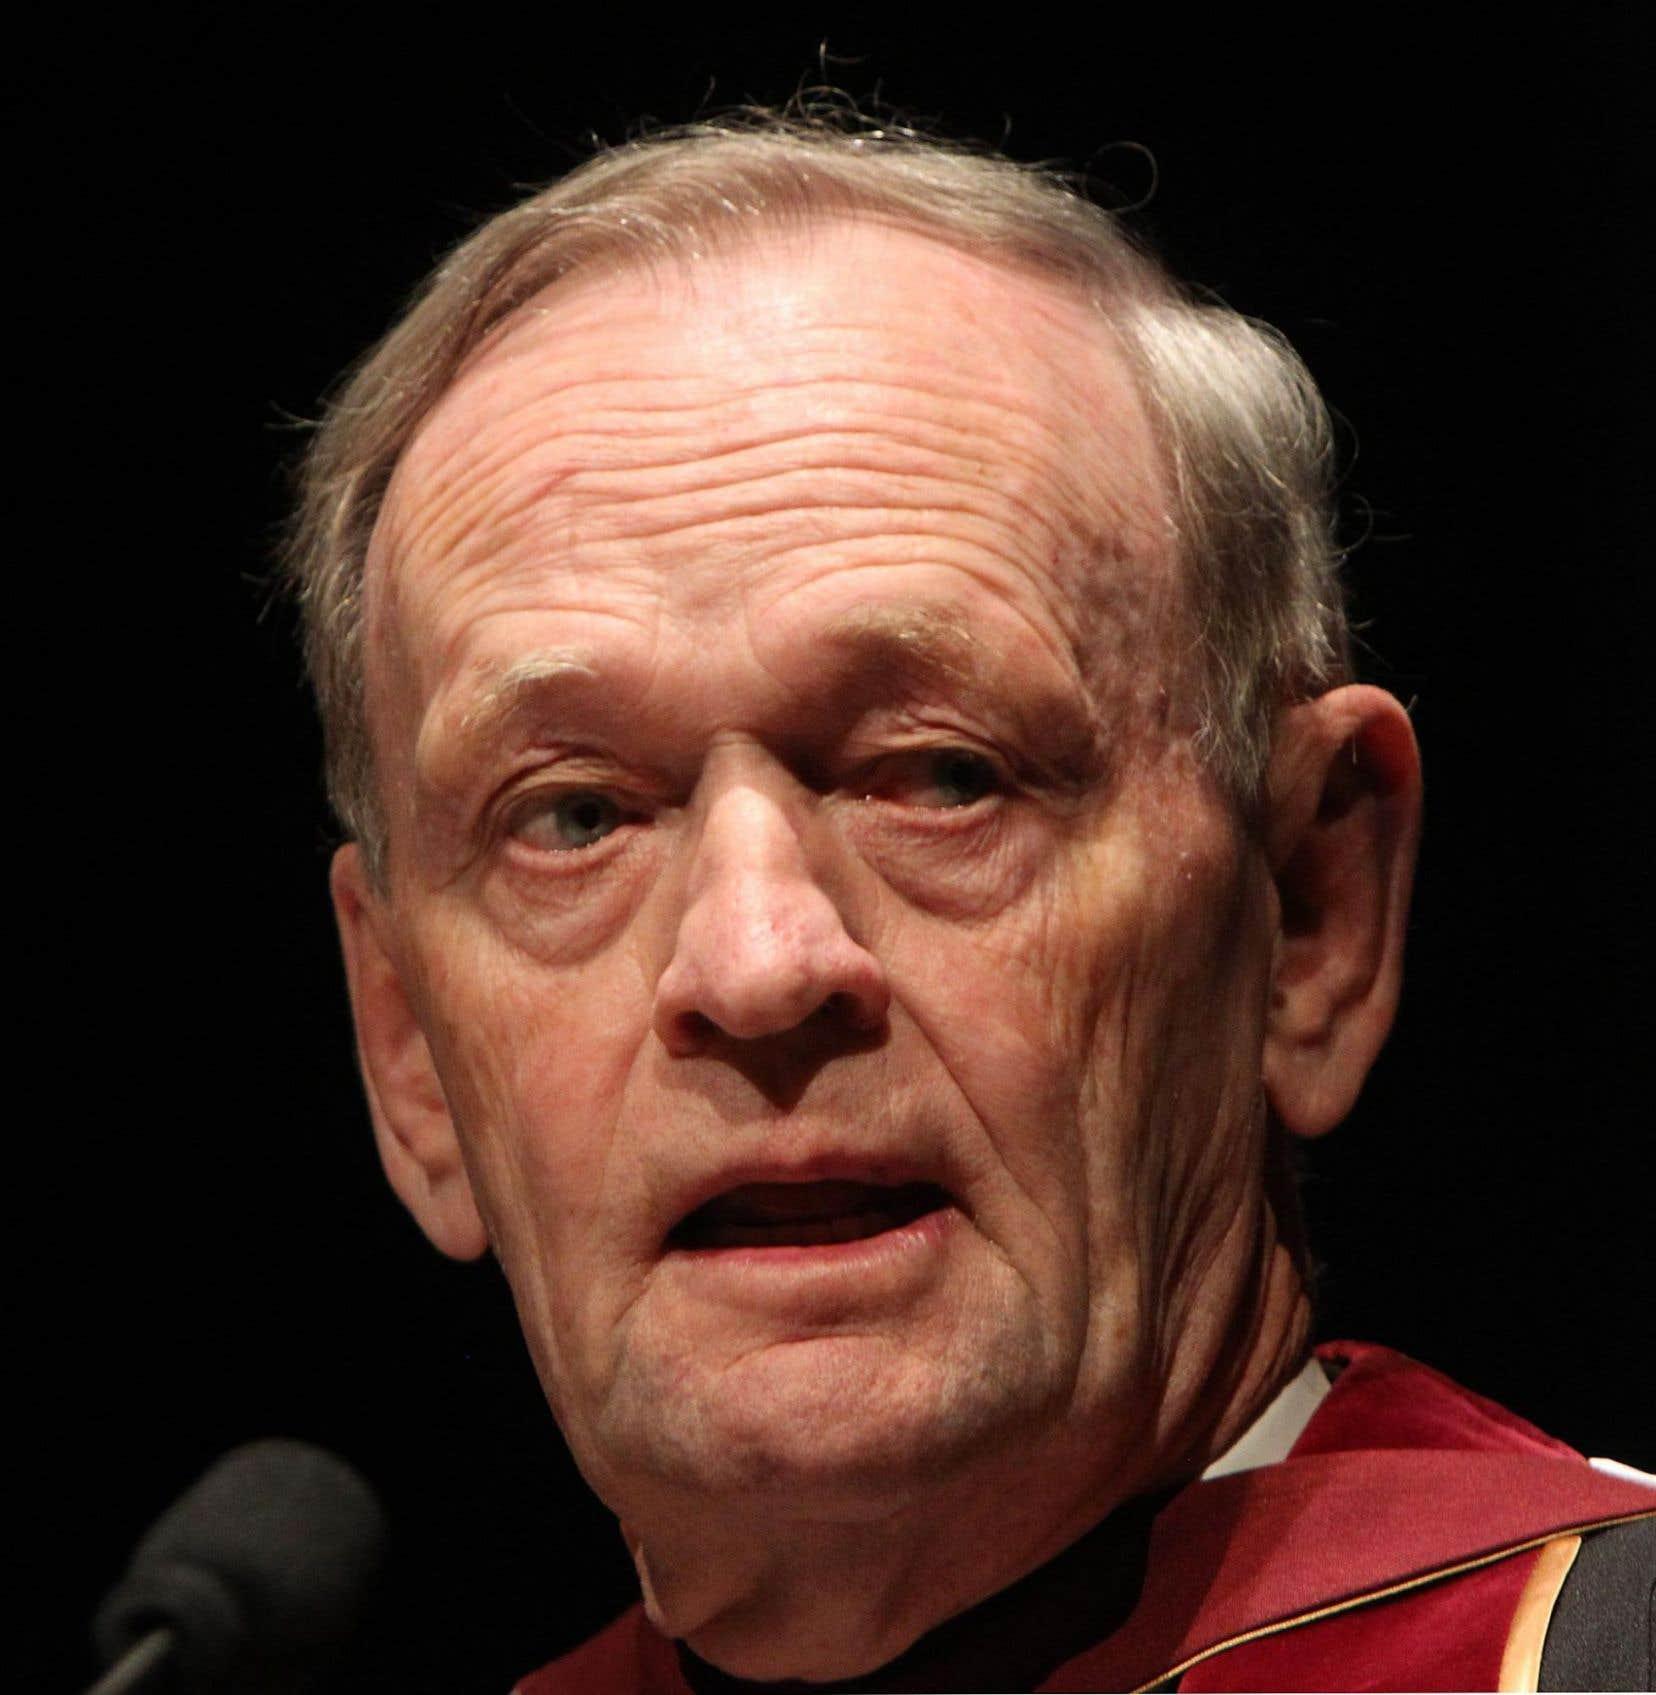 l'ex-premier ministre Jean Chrétien est l'un des signataires.